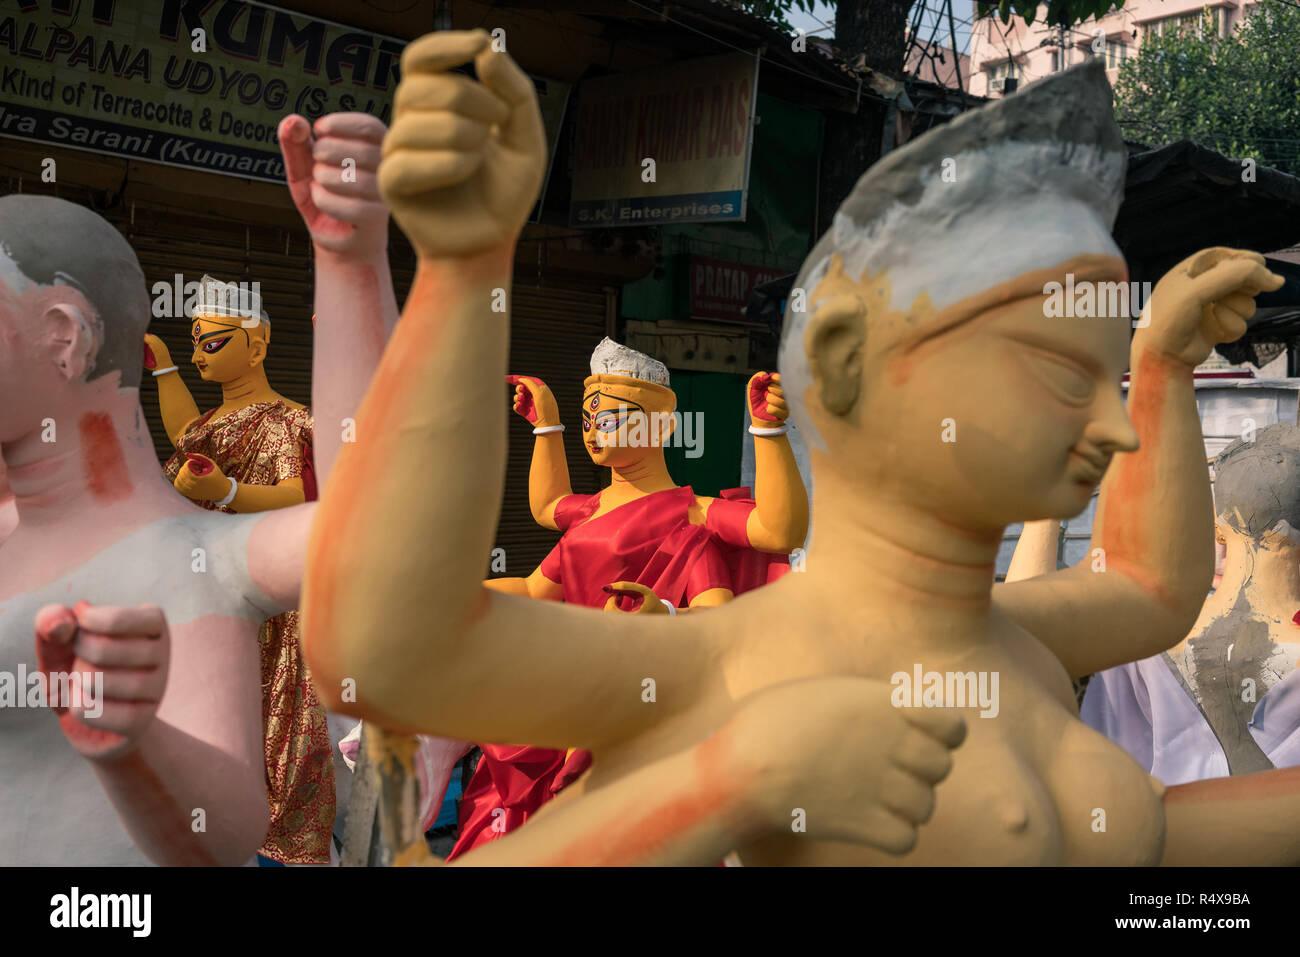 Immagini di arte trovati nelle attività quotidiane della vita mentre si cammina per il quartiere corsie di Calcutta, in India. Immagini Stock